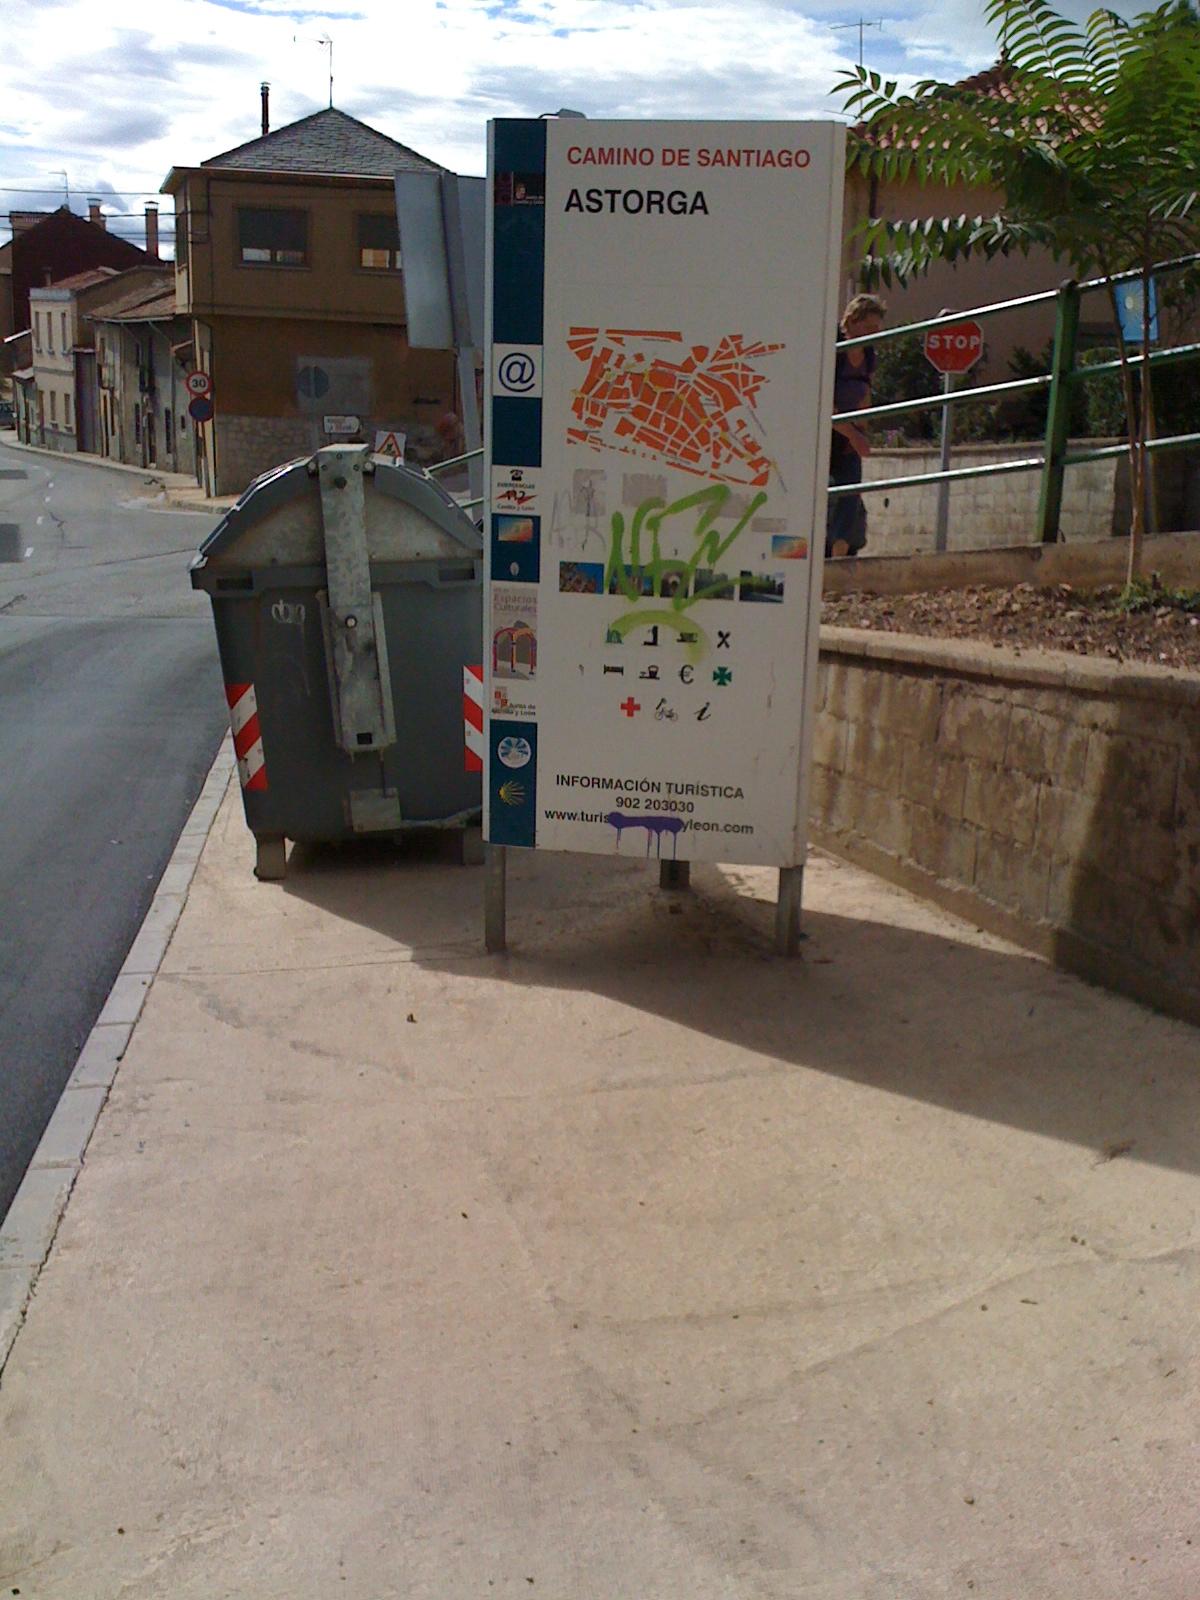 ich habe Astorga erreicht